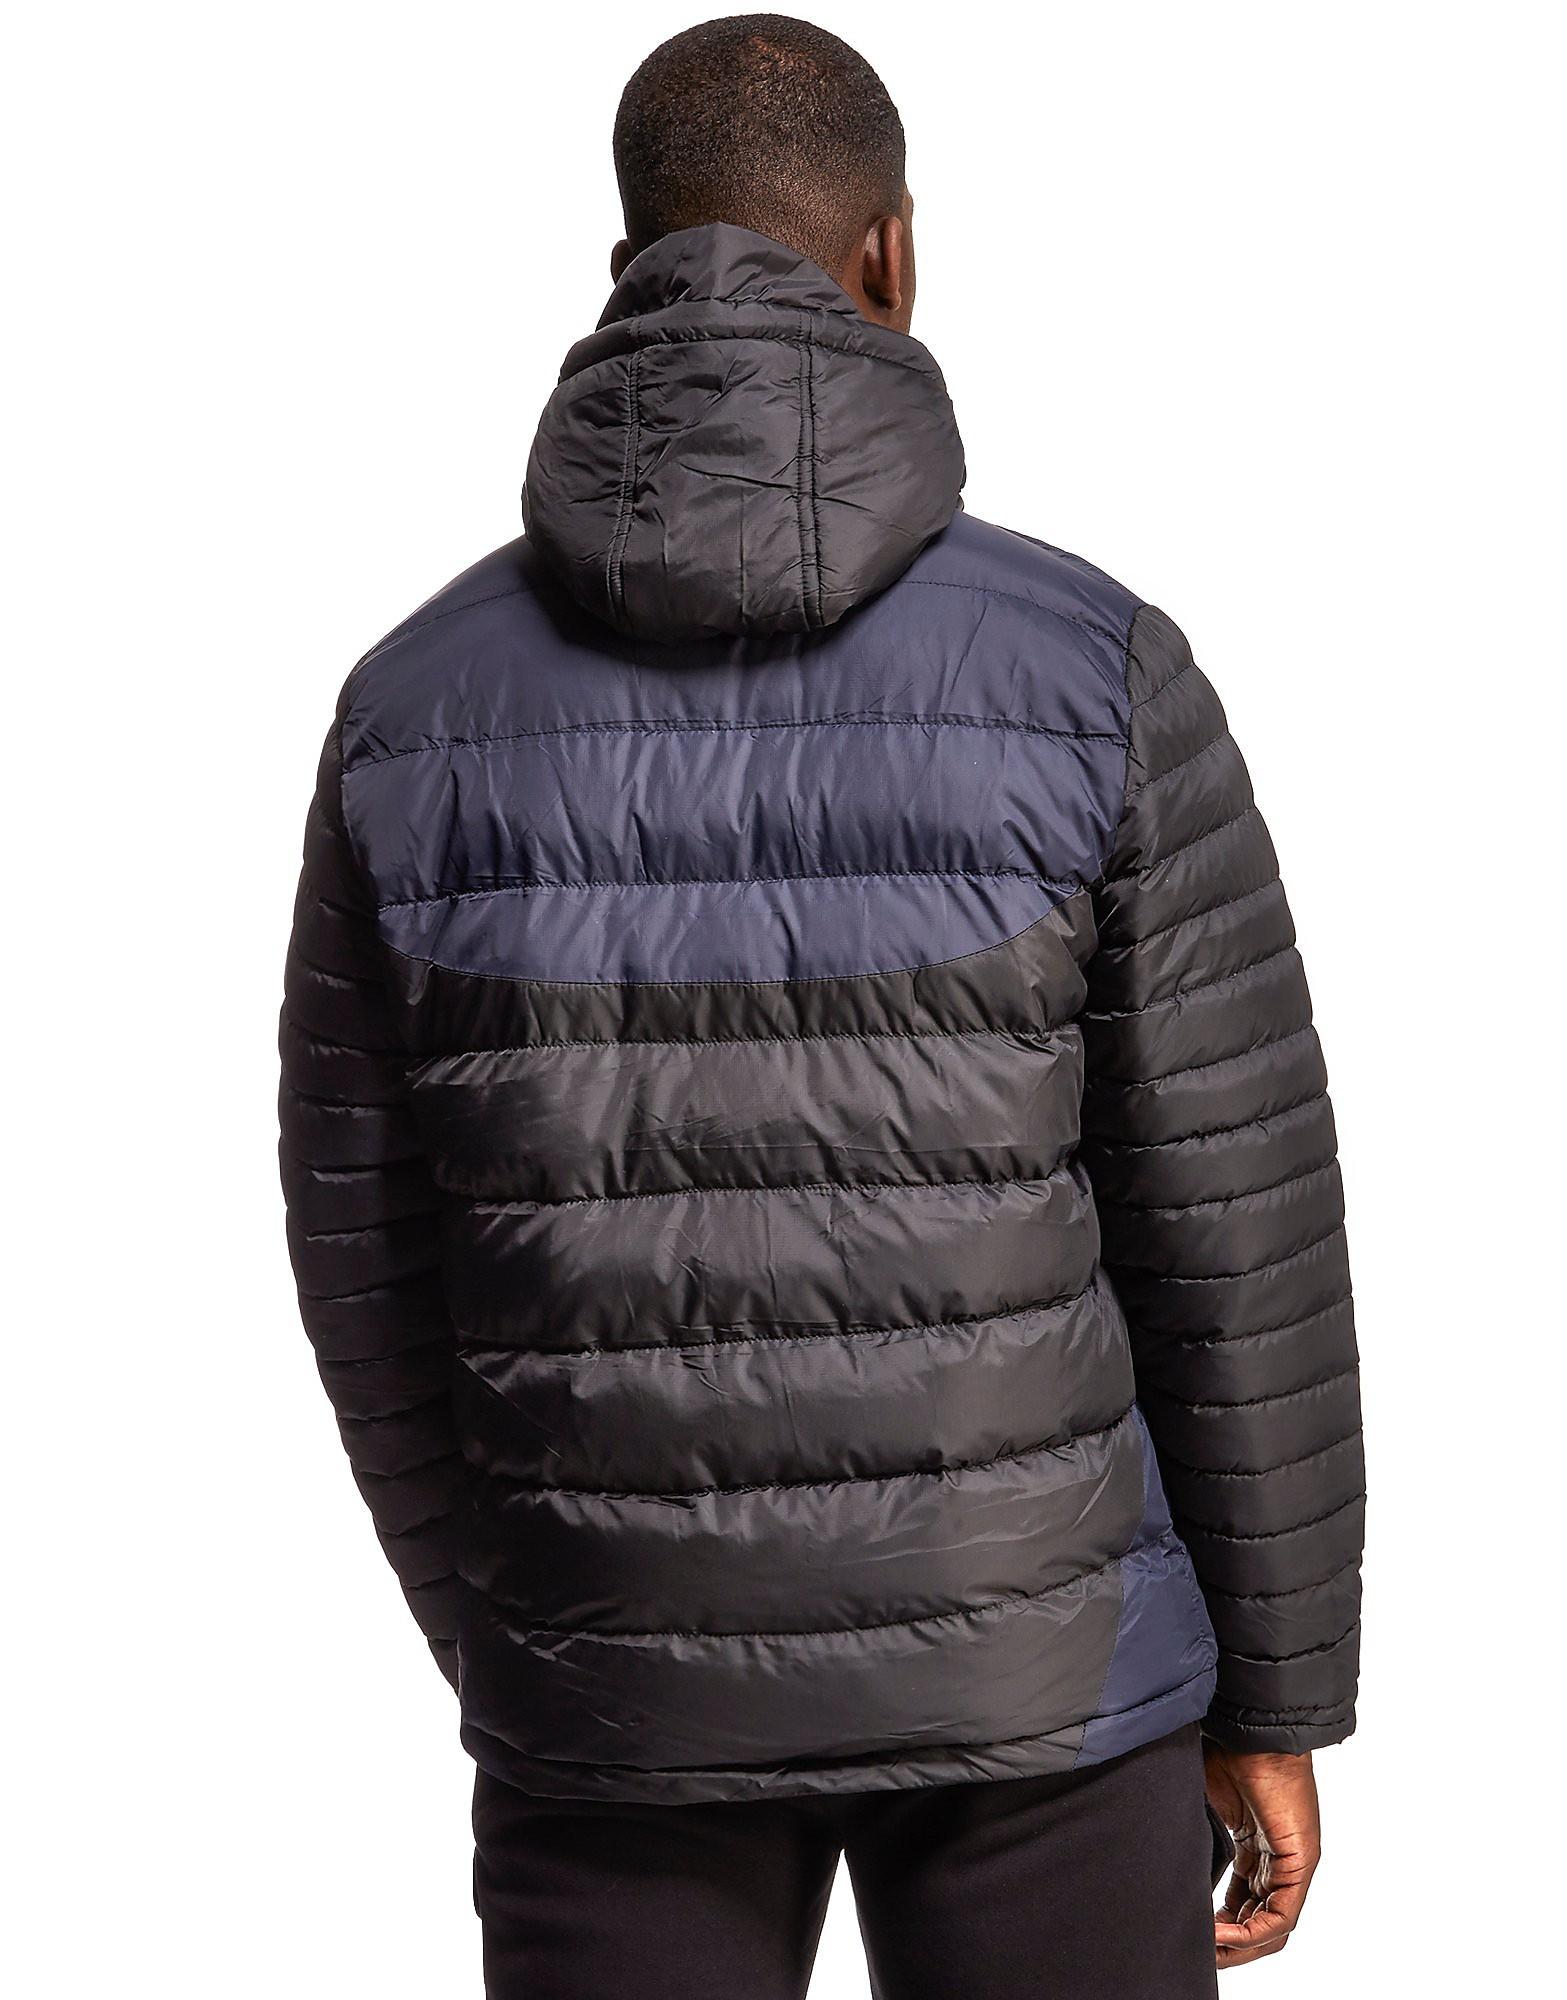 Supply & Demand Sporter Jacket